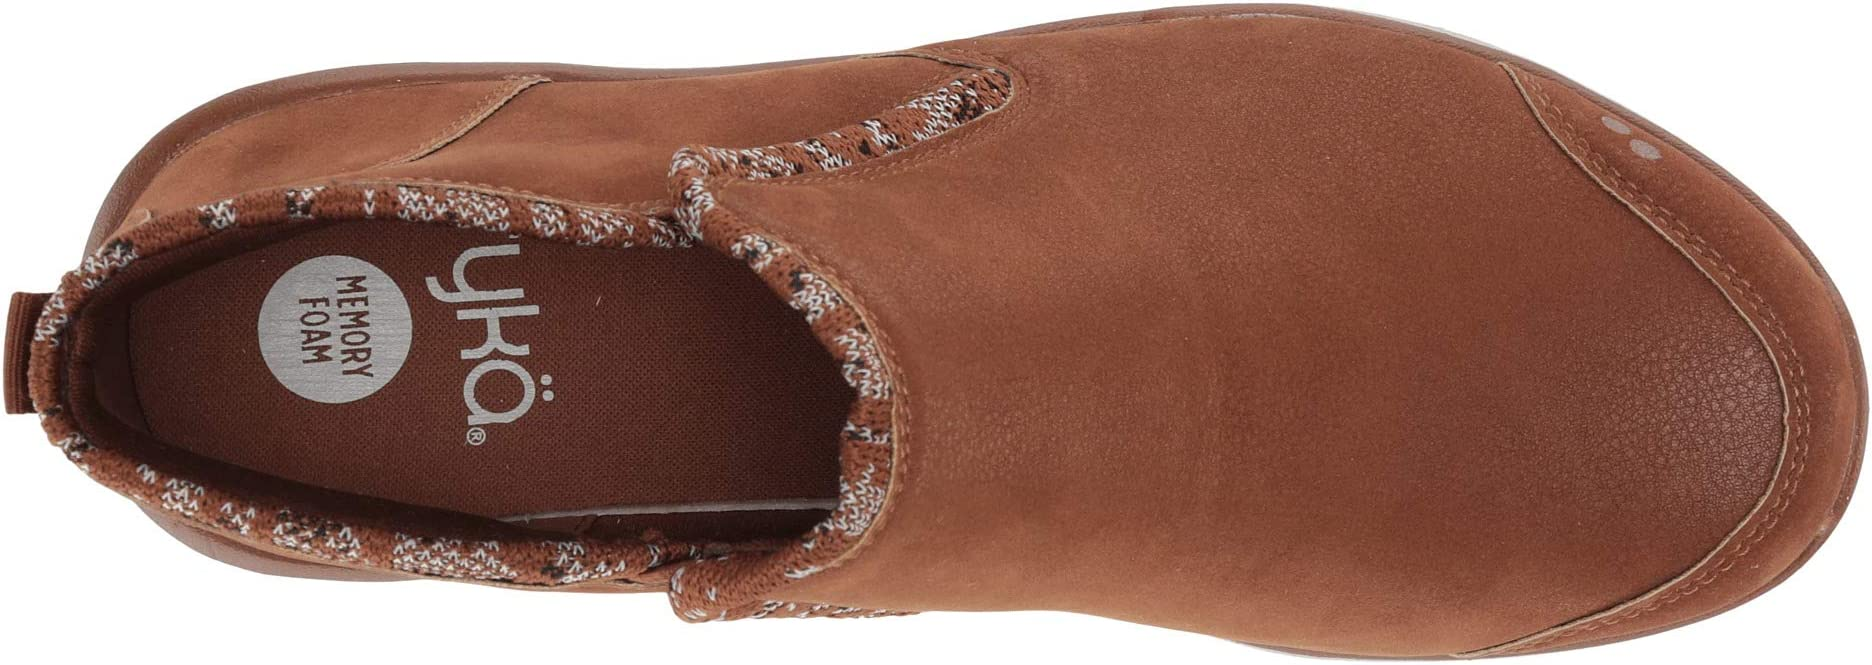 Ryka Namaste | Women's shoes | 2020 Newest